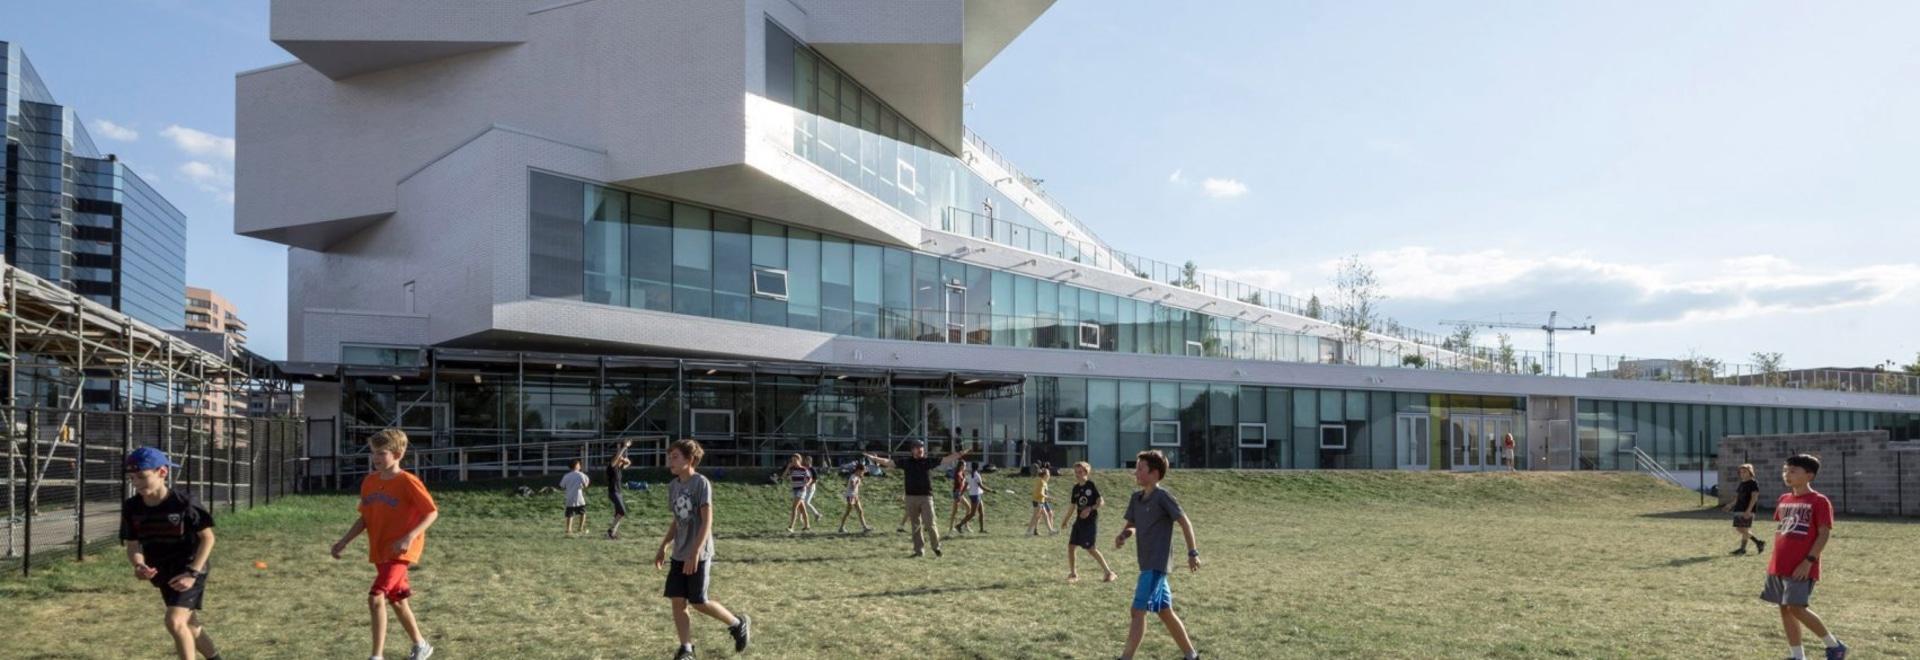 GRANDES diseños retorciendo la escuela de Virginia The Heights